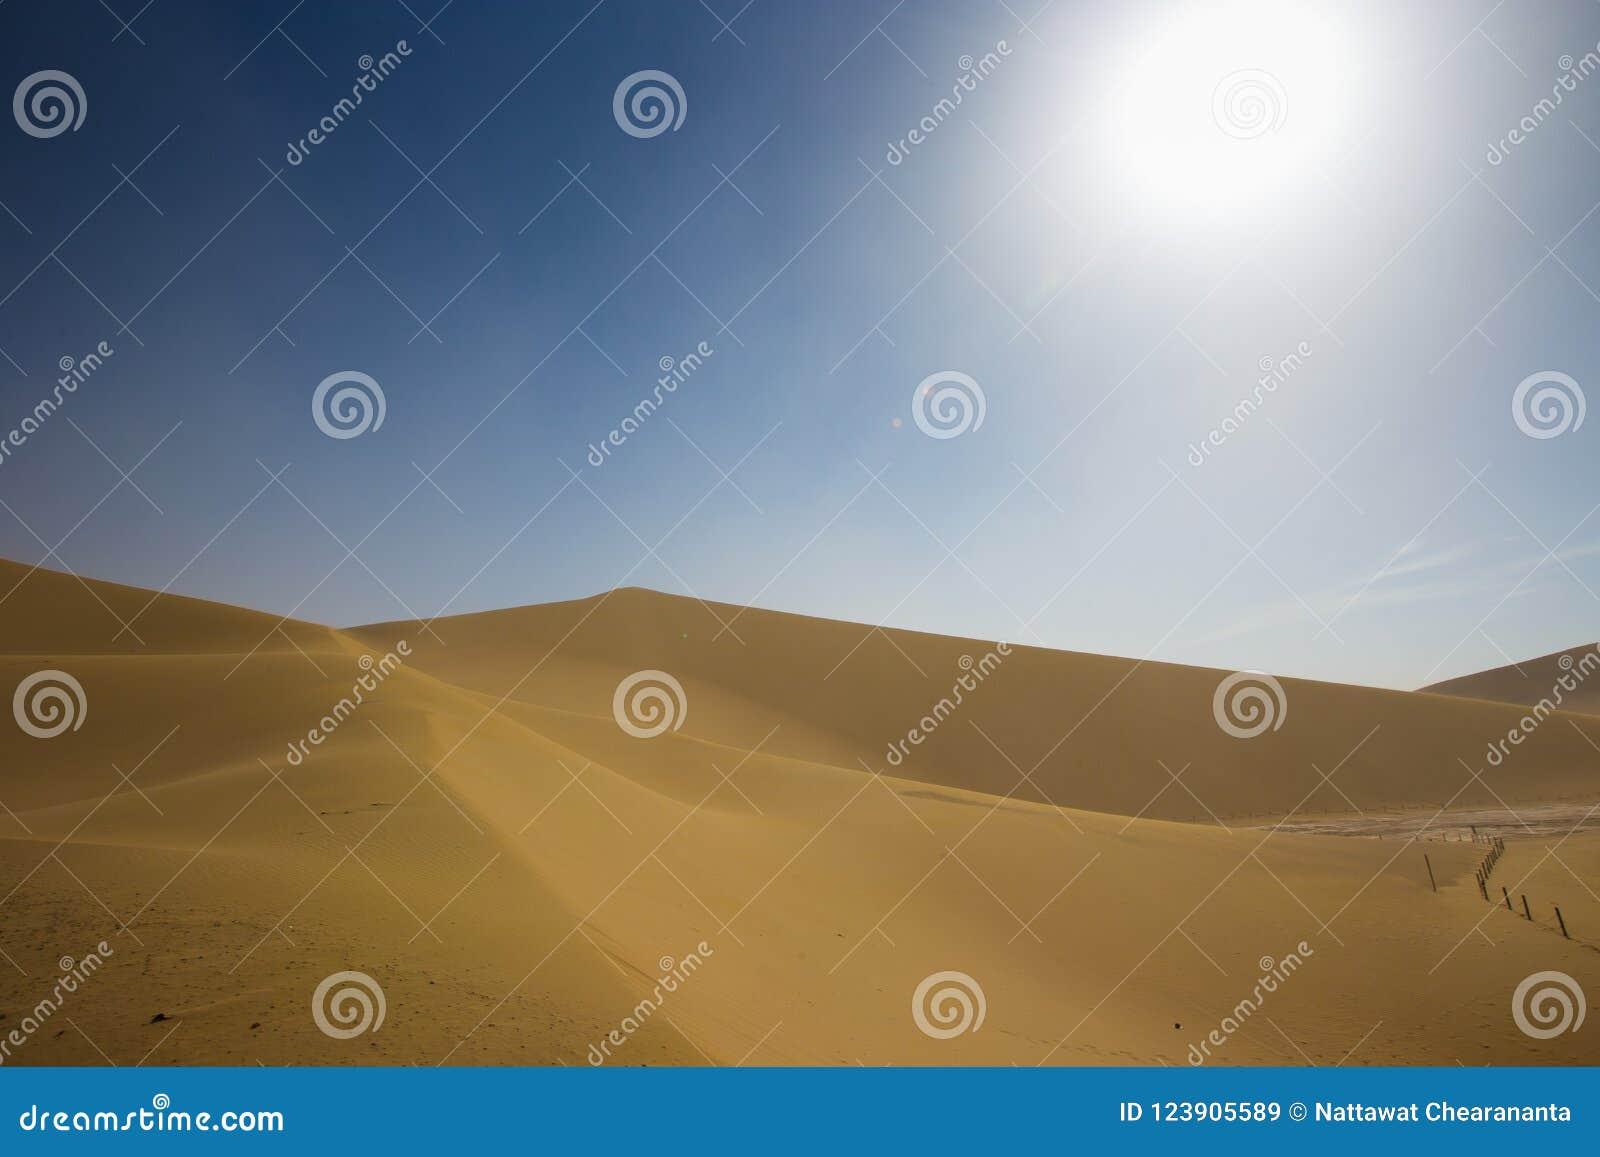 Пустая пустыня в пыльной буре над летом голубого неба на шелковом пути